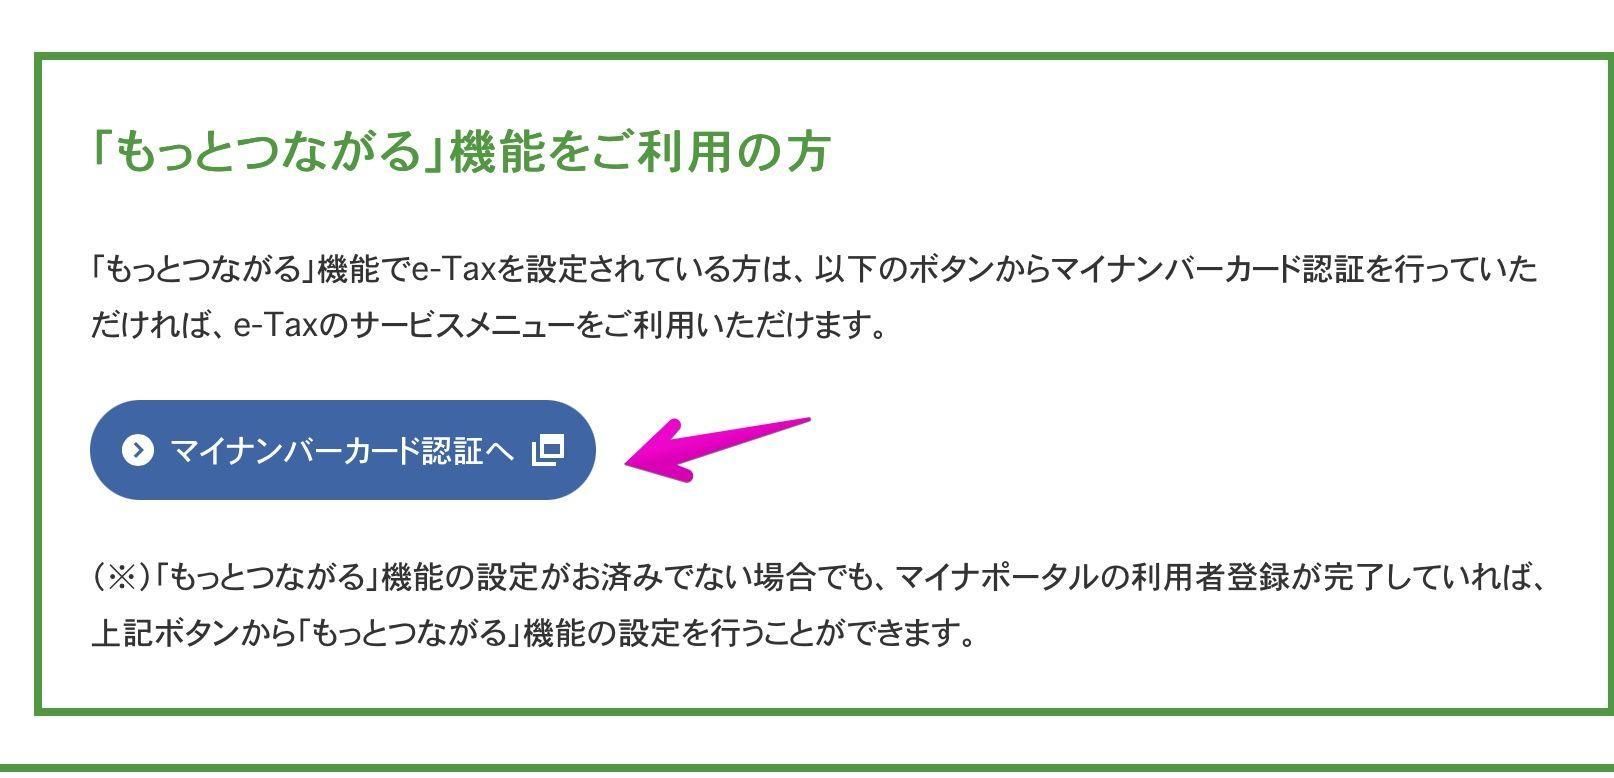 マイナポータルからe-Tax